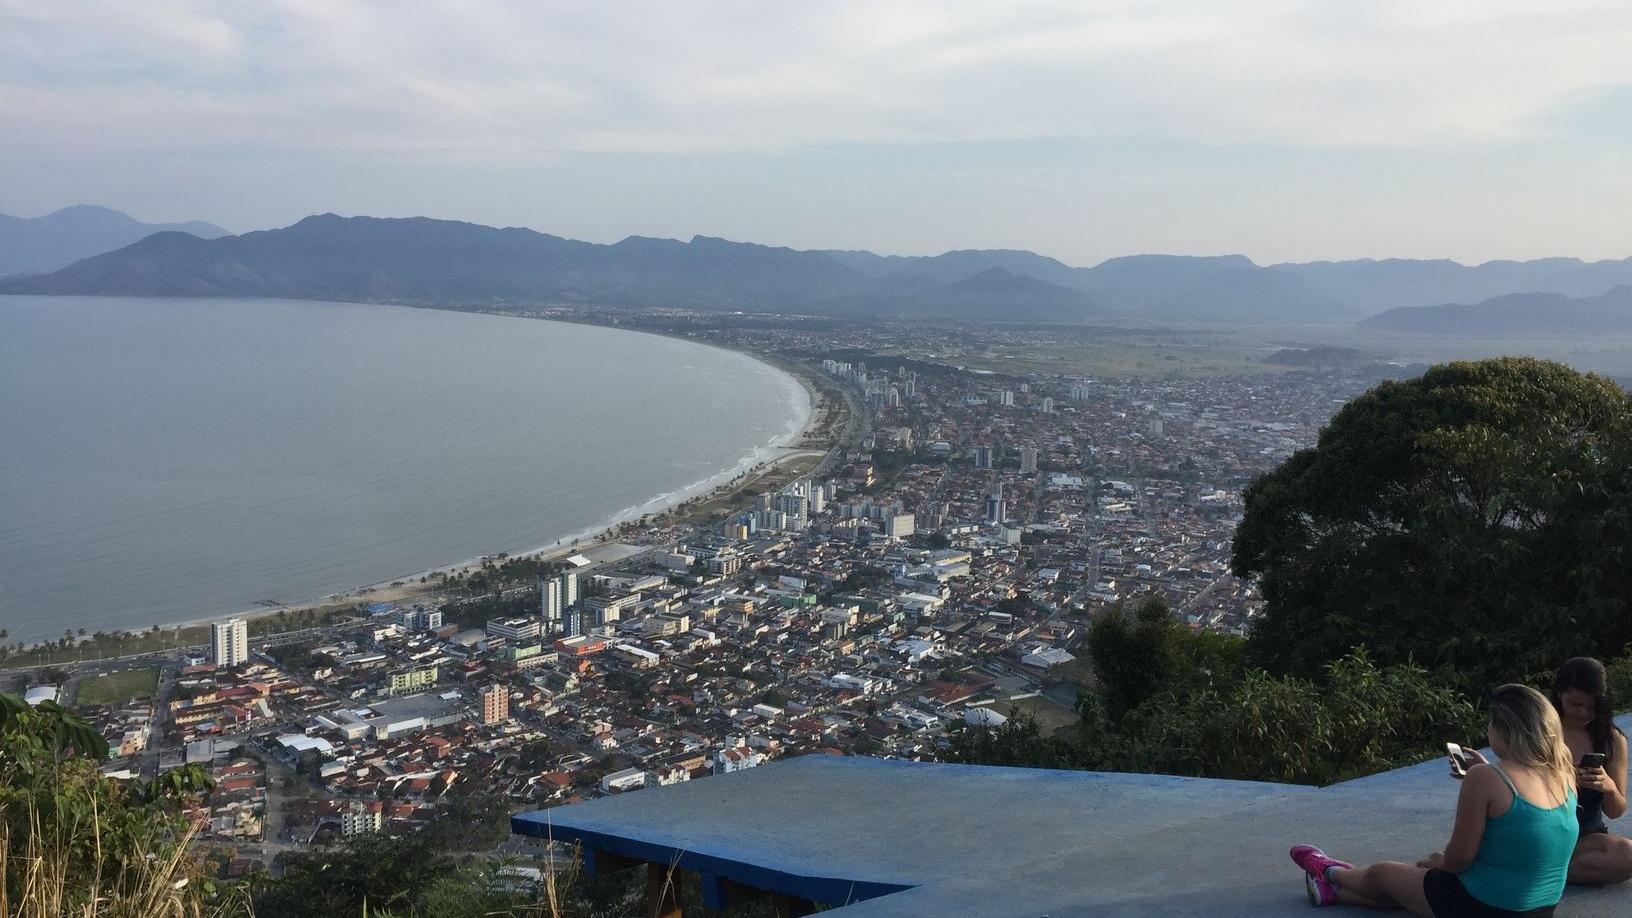 mesto, v ktorom som žila - Caraguatatuba